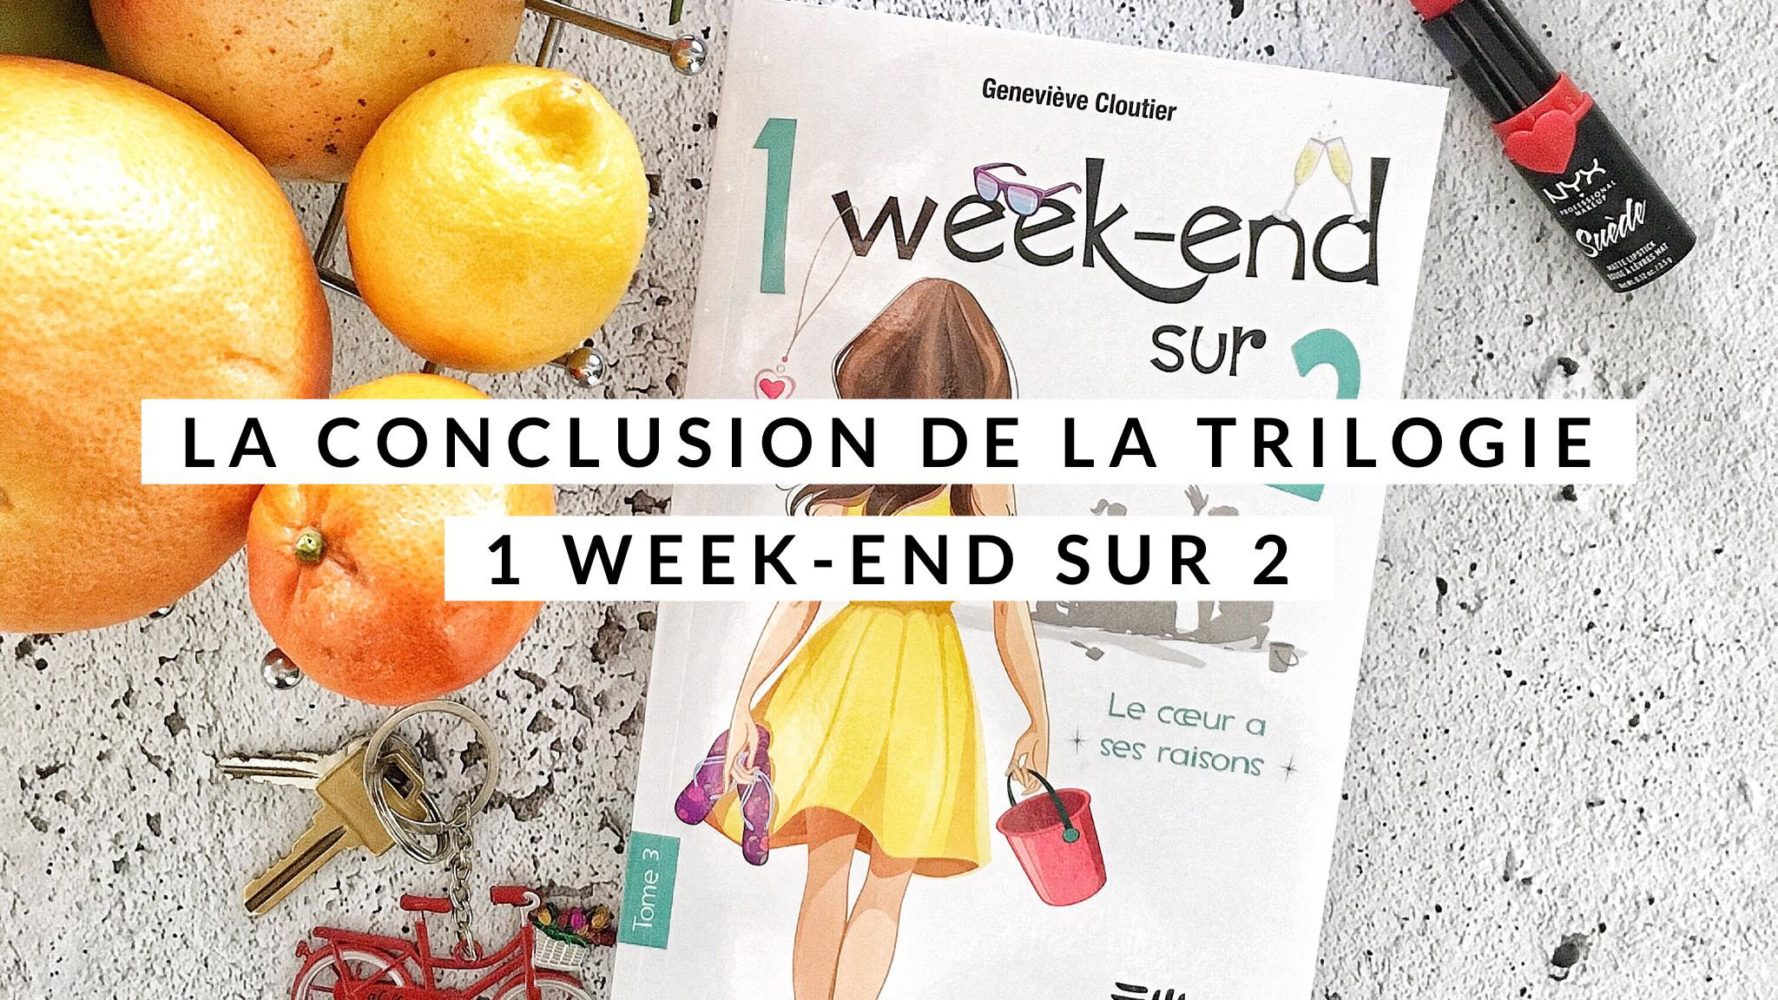 La conclusion de la trilogie 1 week-end sur 2